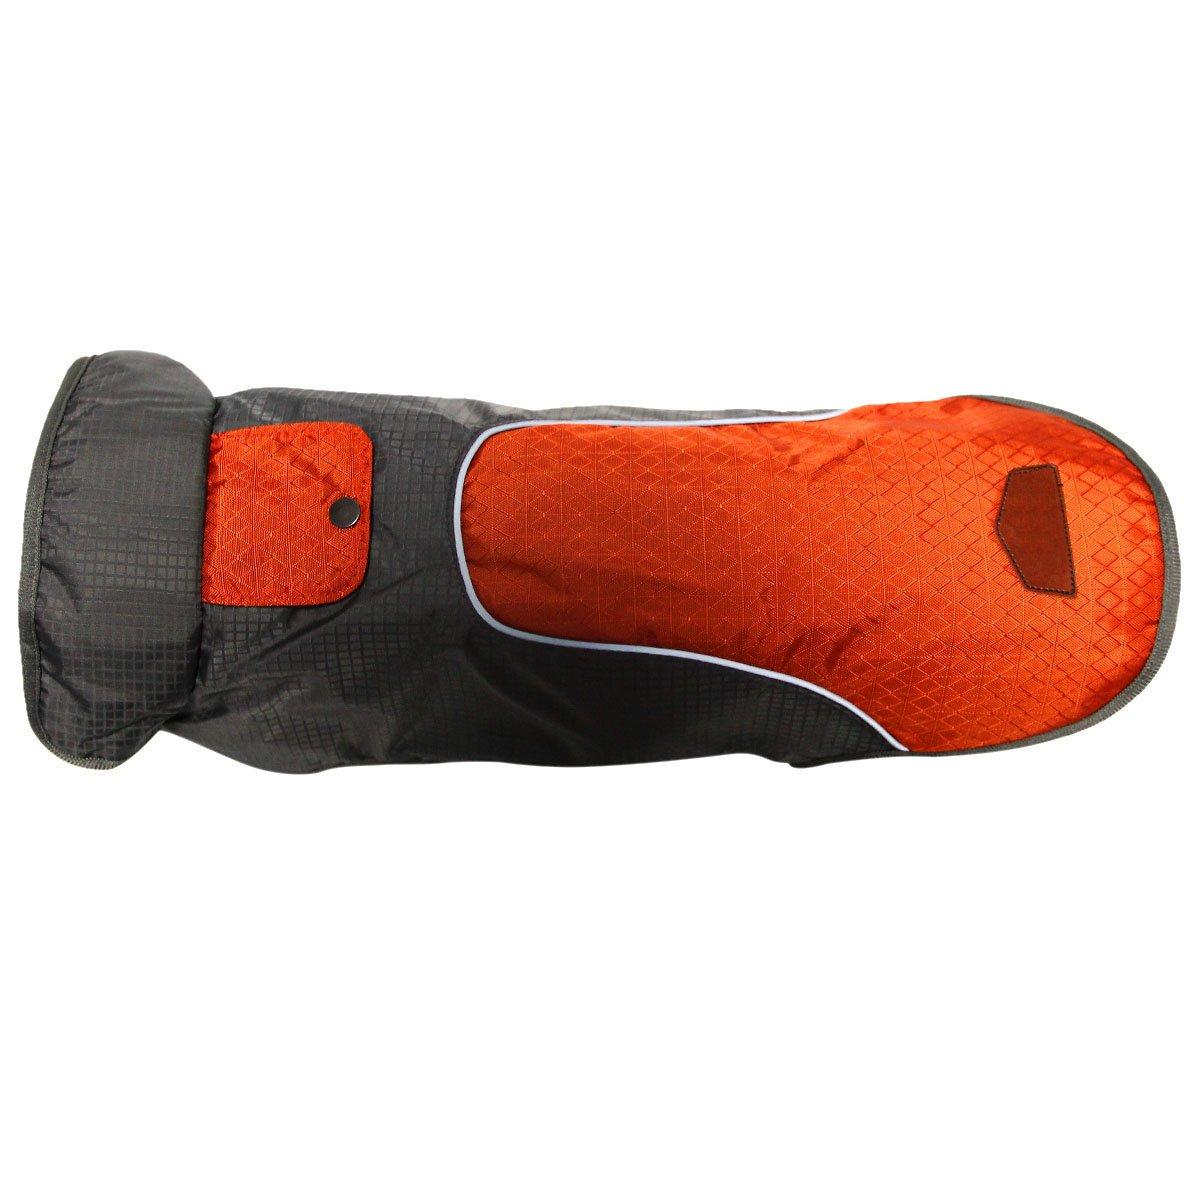 JoyDaog Premium Outdoor Sport Waterproof Raincoat Dog Jacket,Super Breathable Mesh Lined Dog Coats for Large Dogs, Orange XXXL by JoyDaog (Image #6)